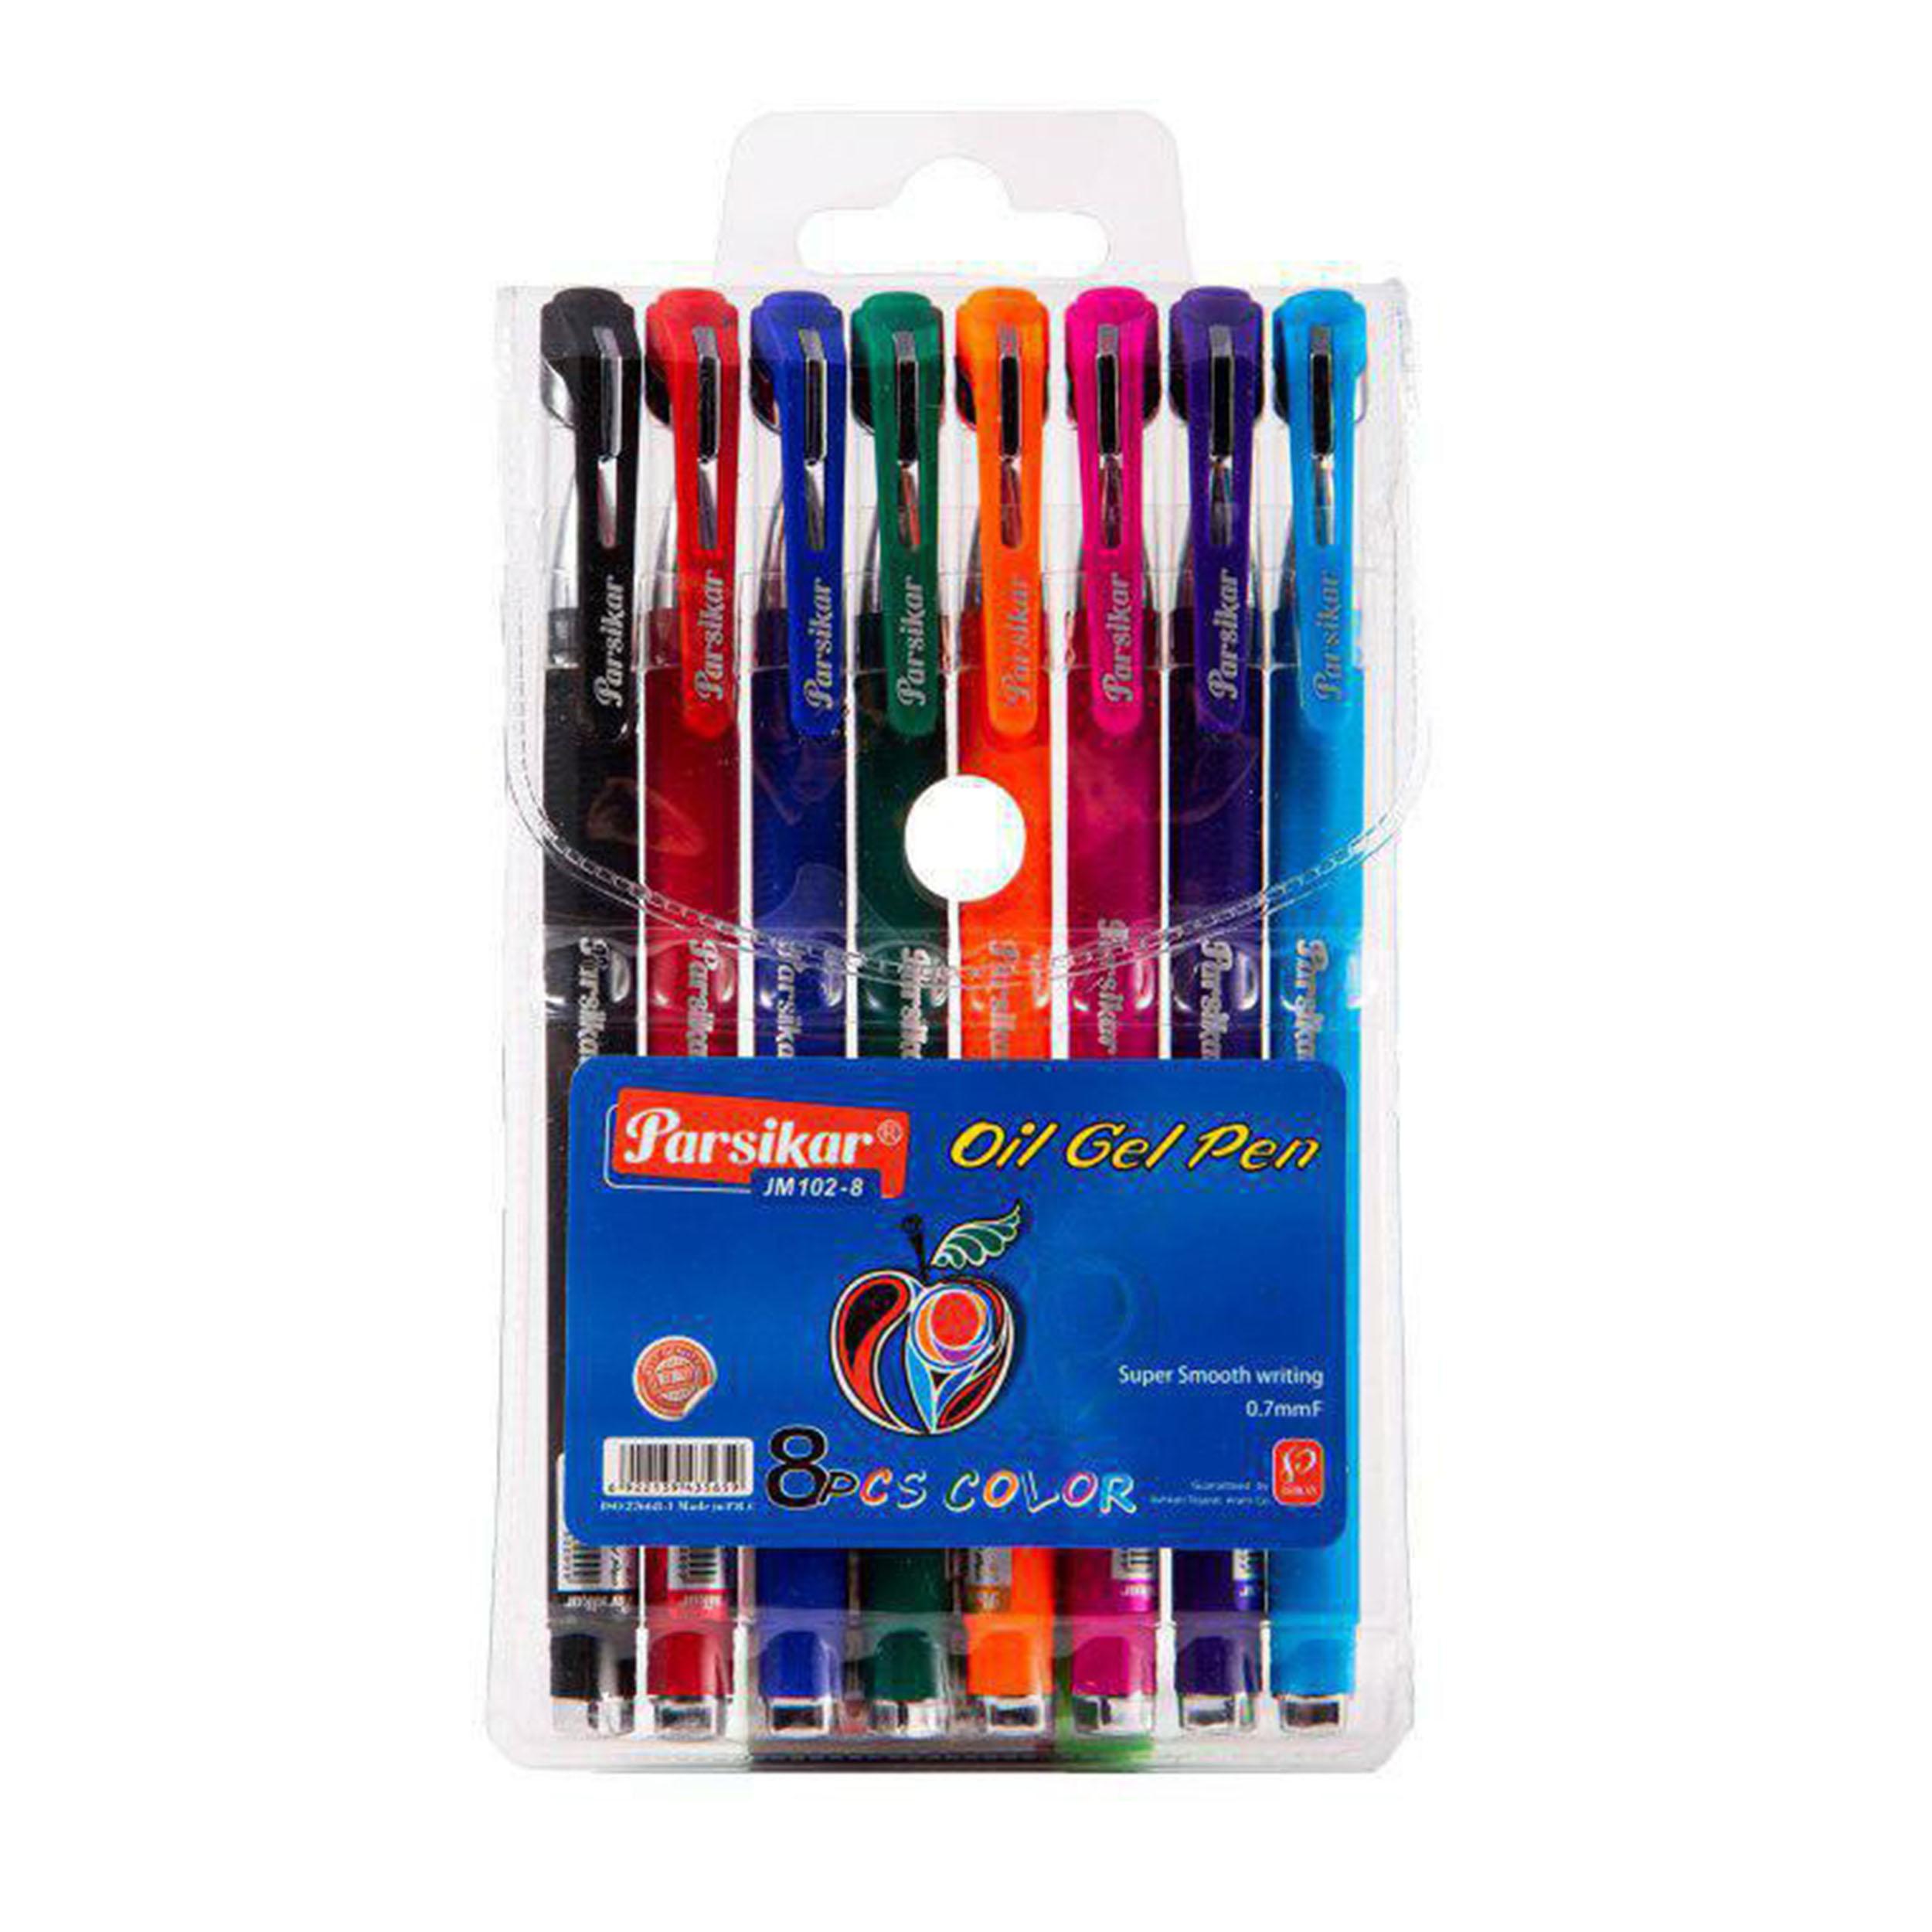 خودکار رنگی پارسی کار کد JM-102-8 بسته  8 عددی